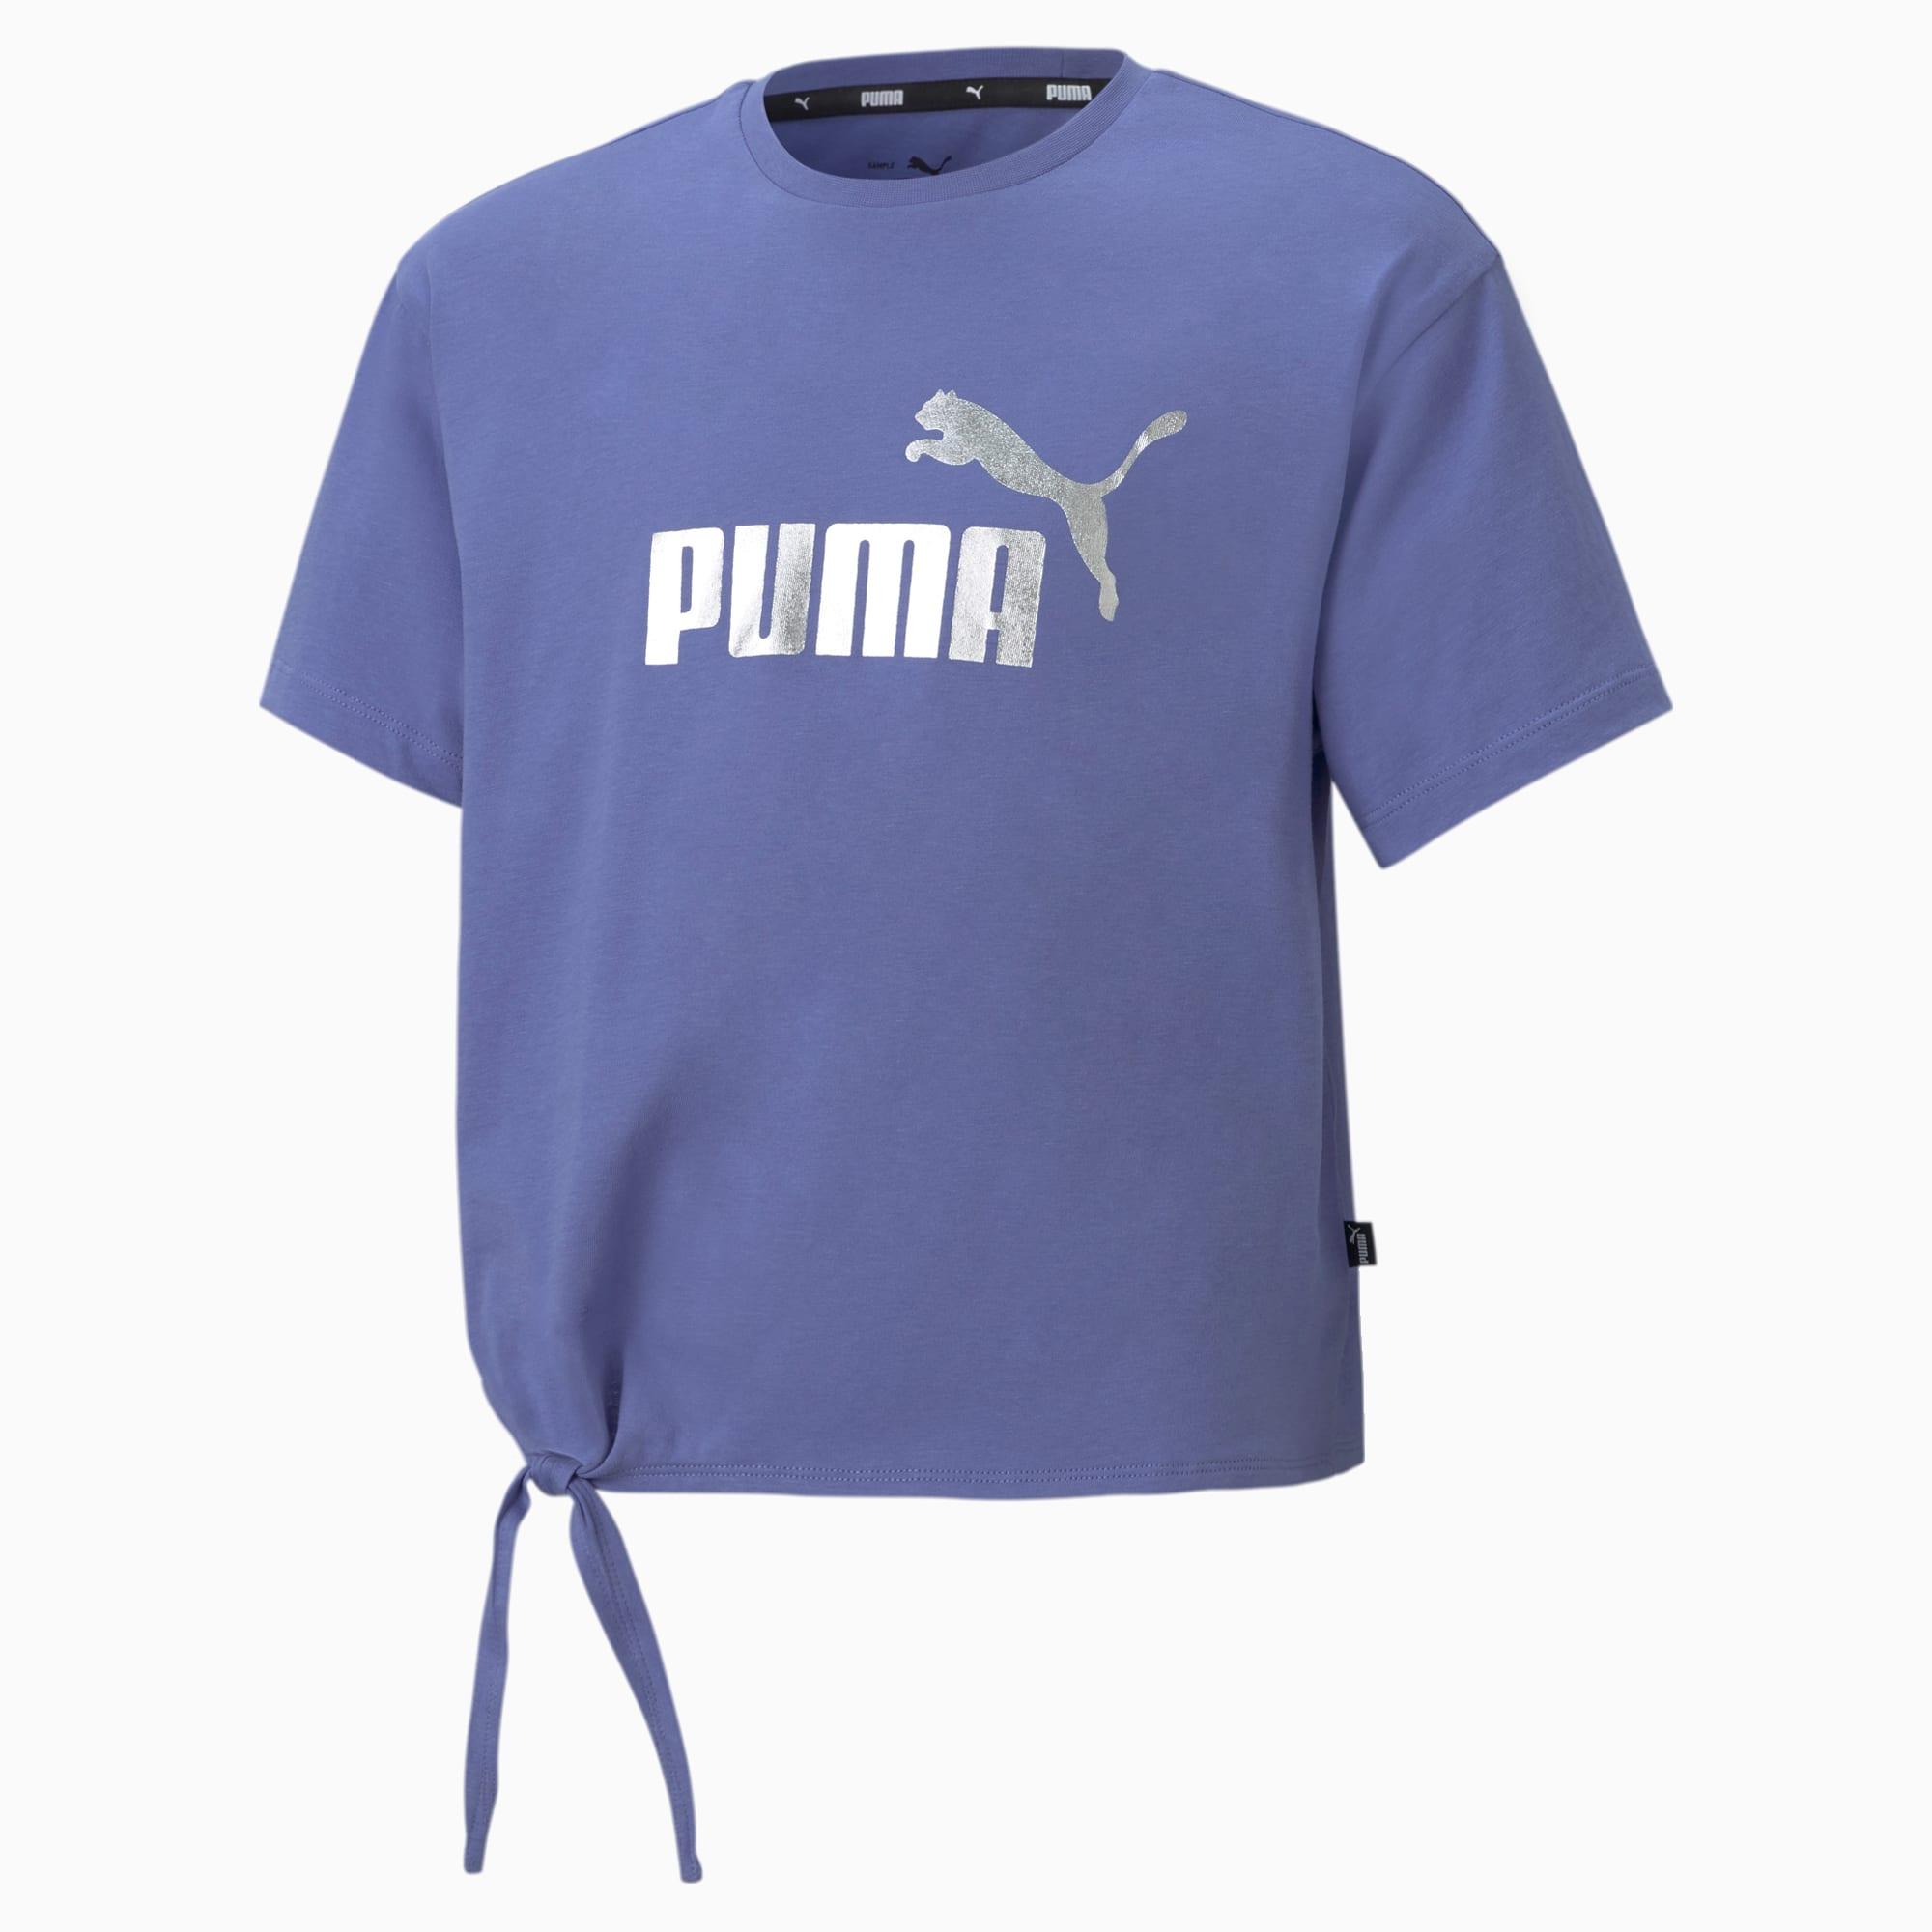 PUMA Essentials+ Jugend T-Shirt mit Logo Für Kinder   Mit Aucun   Blau   Größe: 176